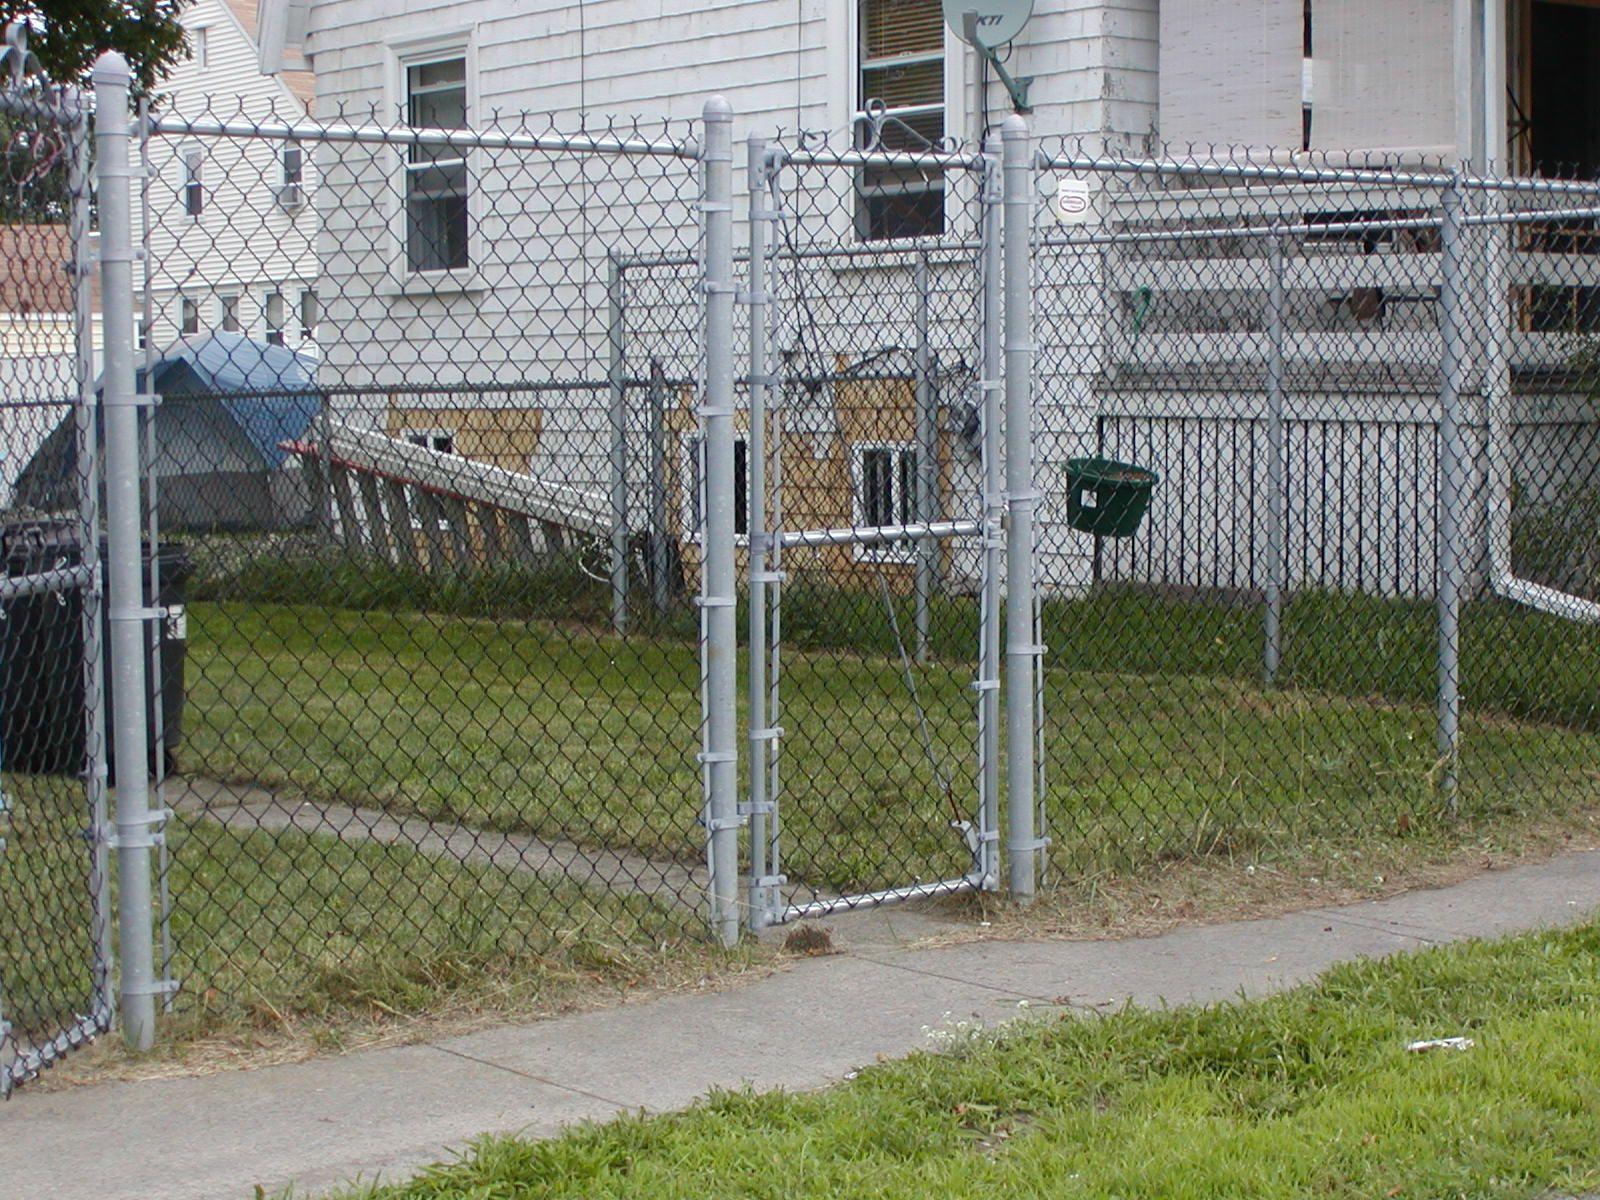 cyclone wire dog enclosure - Google Search | Dog enclosure ideas ...